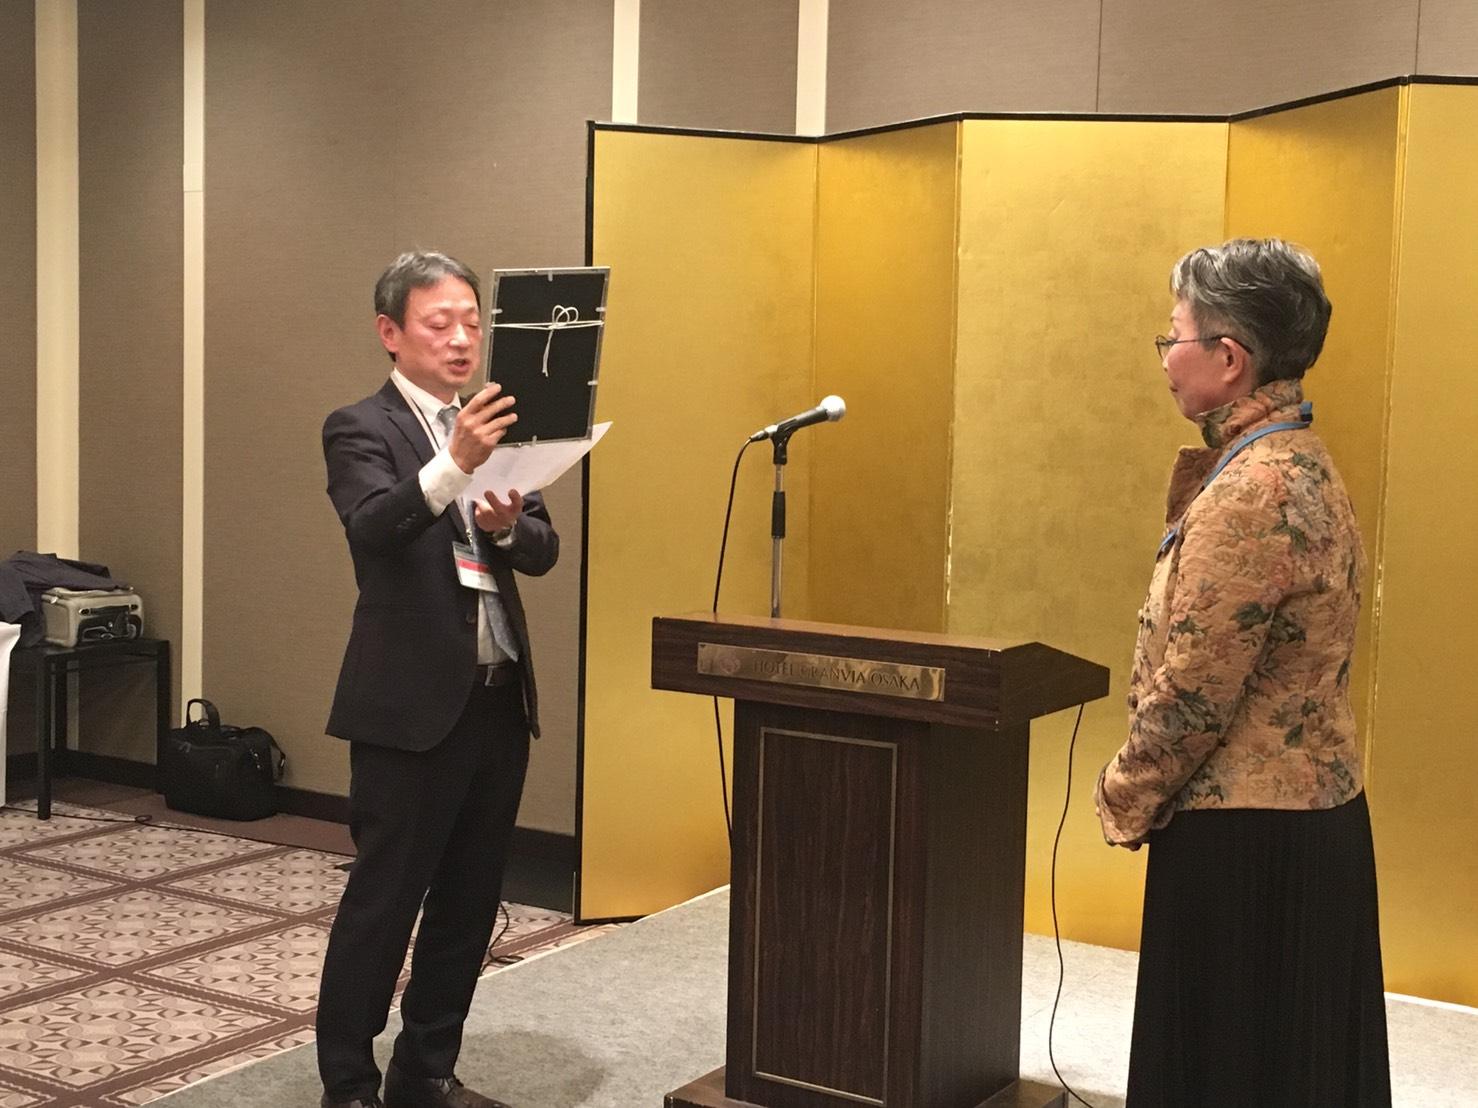 2019年 日本ブライダル連盟西日本エリア 新年会に参加しました🌹